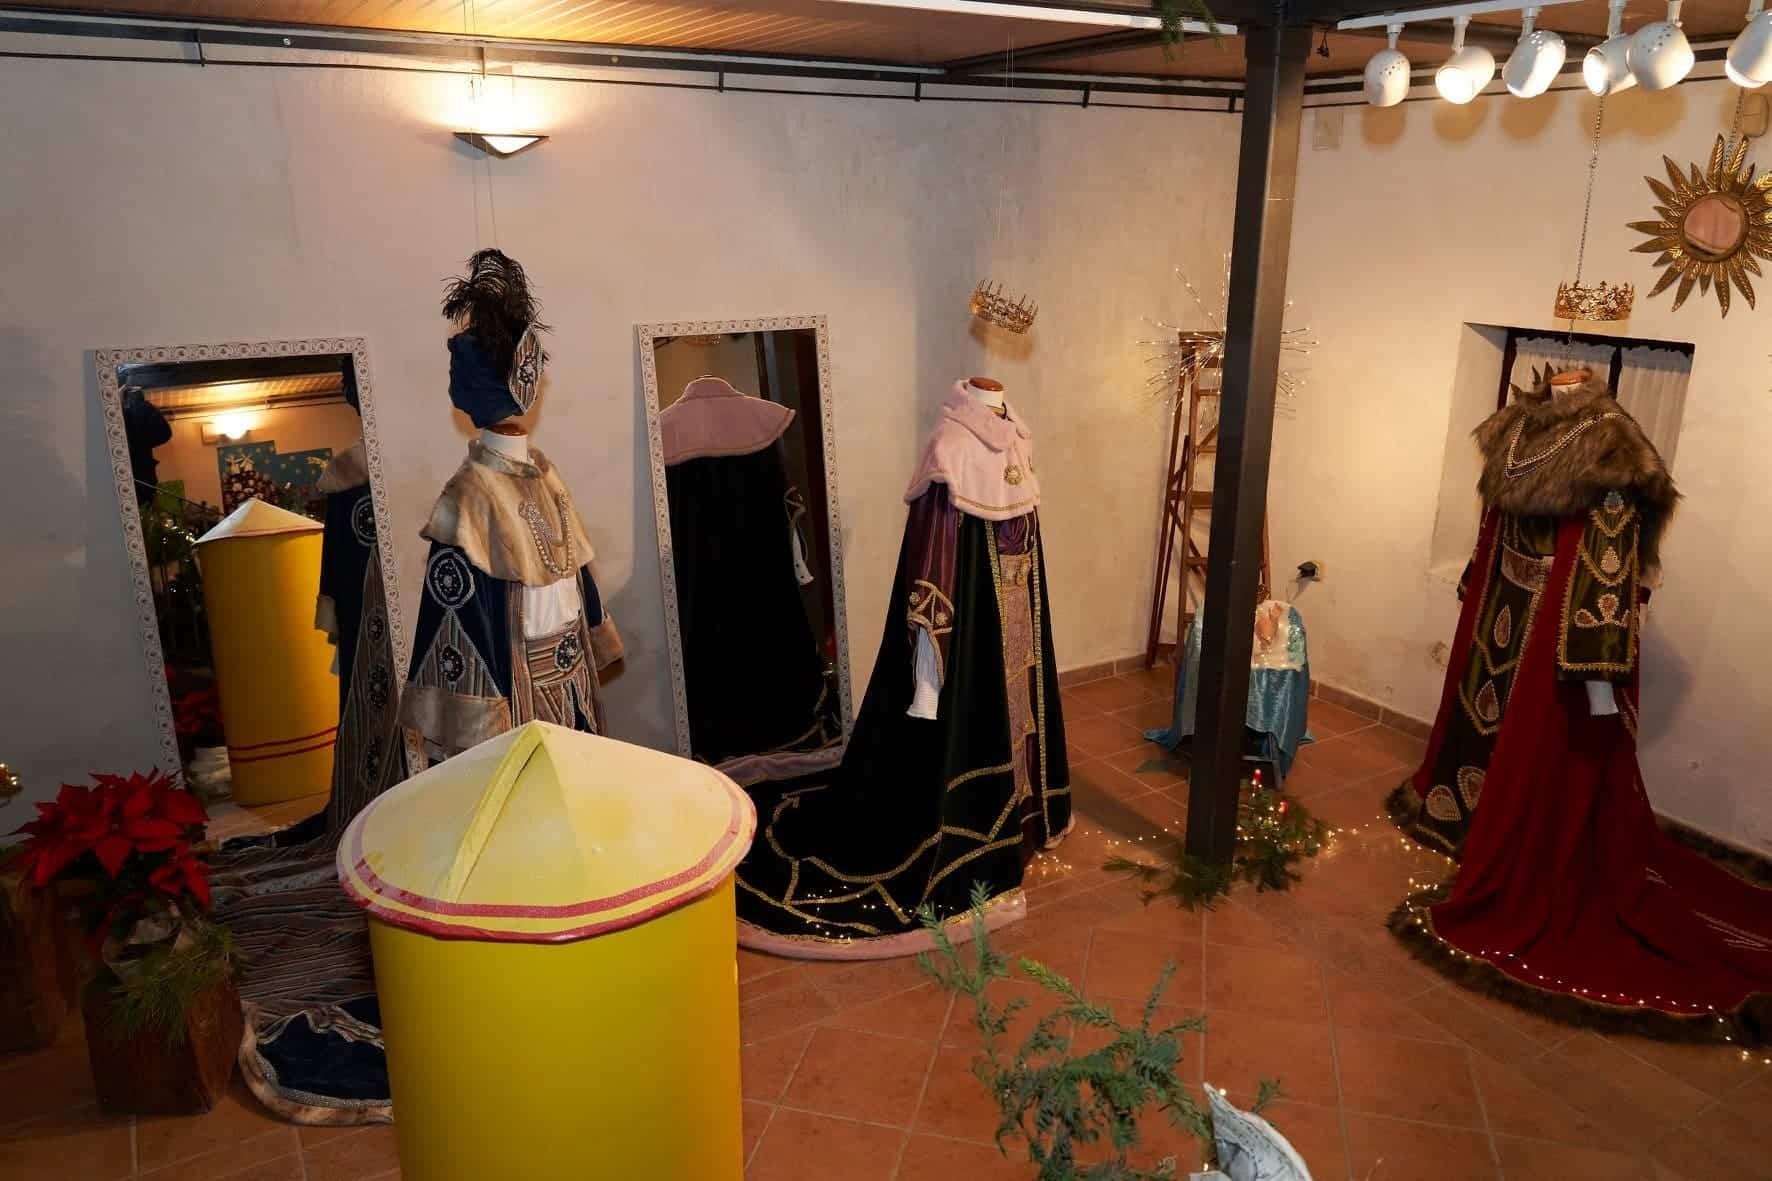 Inaugurada la Casita de la Navidad en la Sala de Exposiciones Agustín Úbeda 25